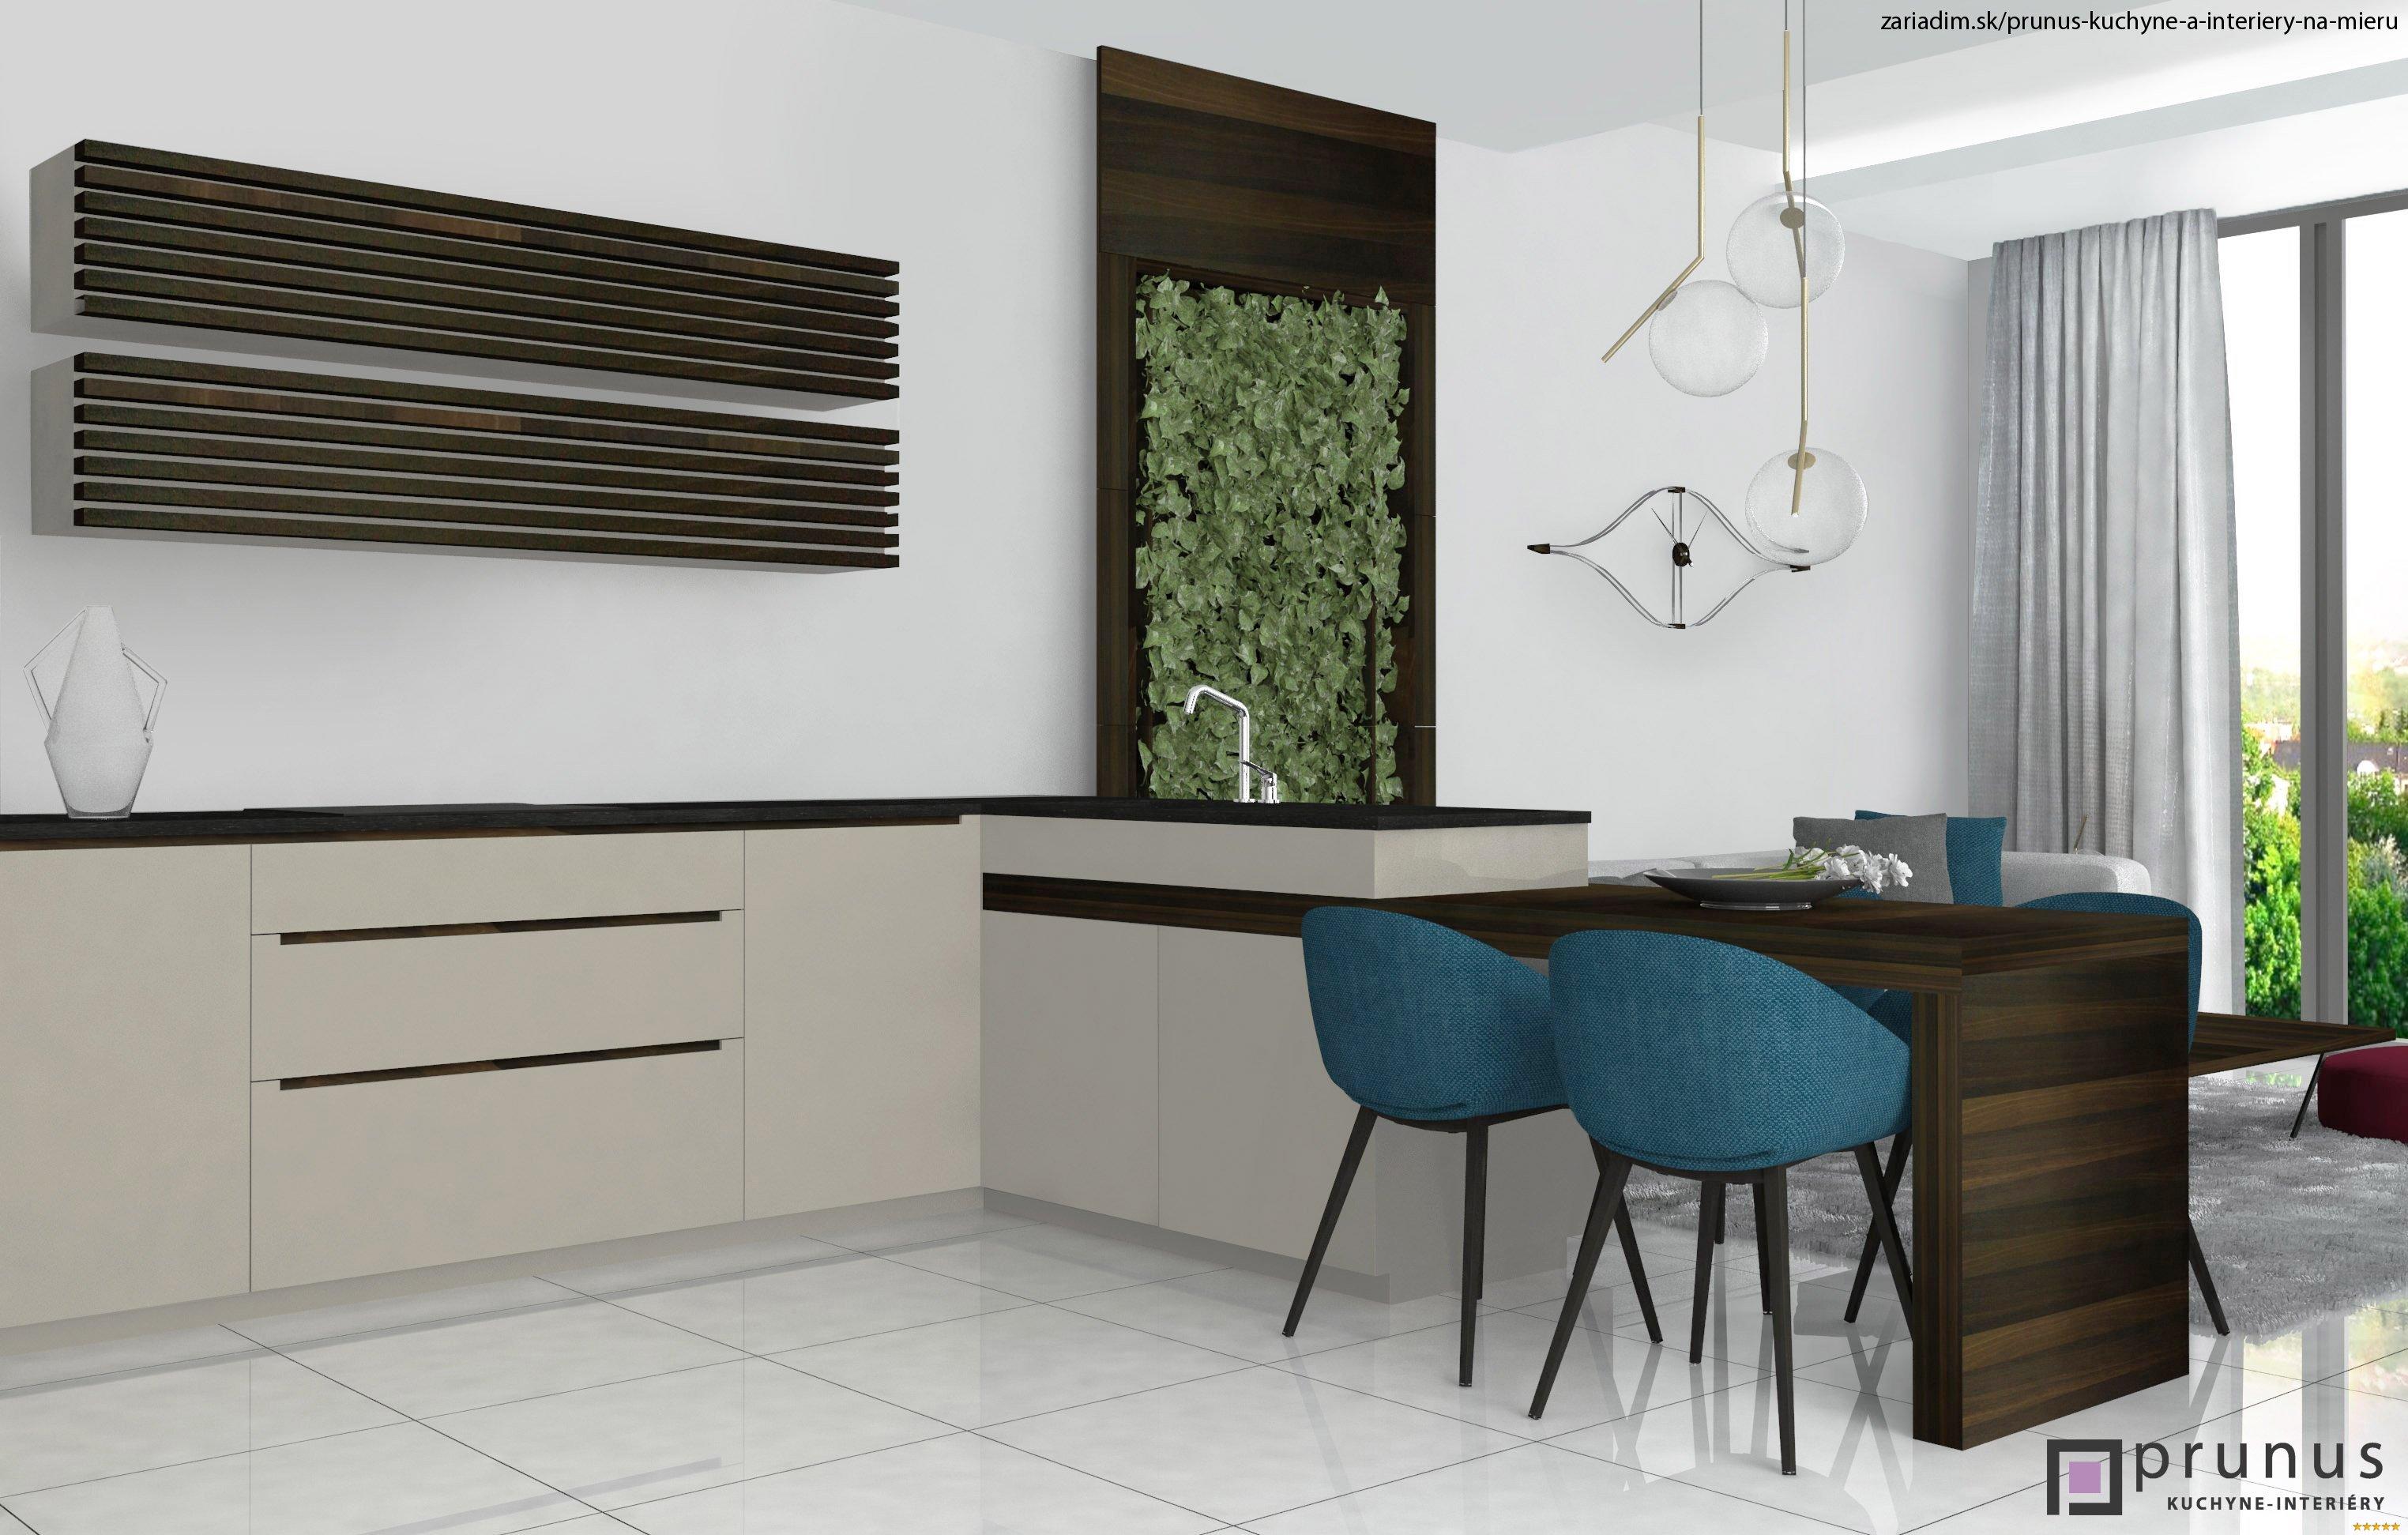 fd5cf057be19 Bytový dizajn - Interiérový dizajn a návrhy interiérov - bytový dizajnér I  PRUNUS štúdio